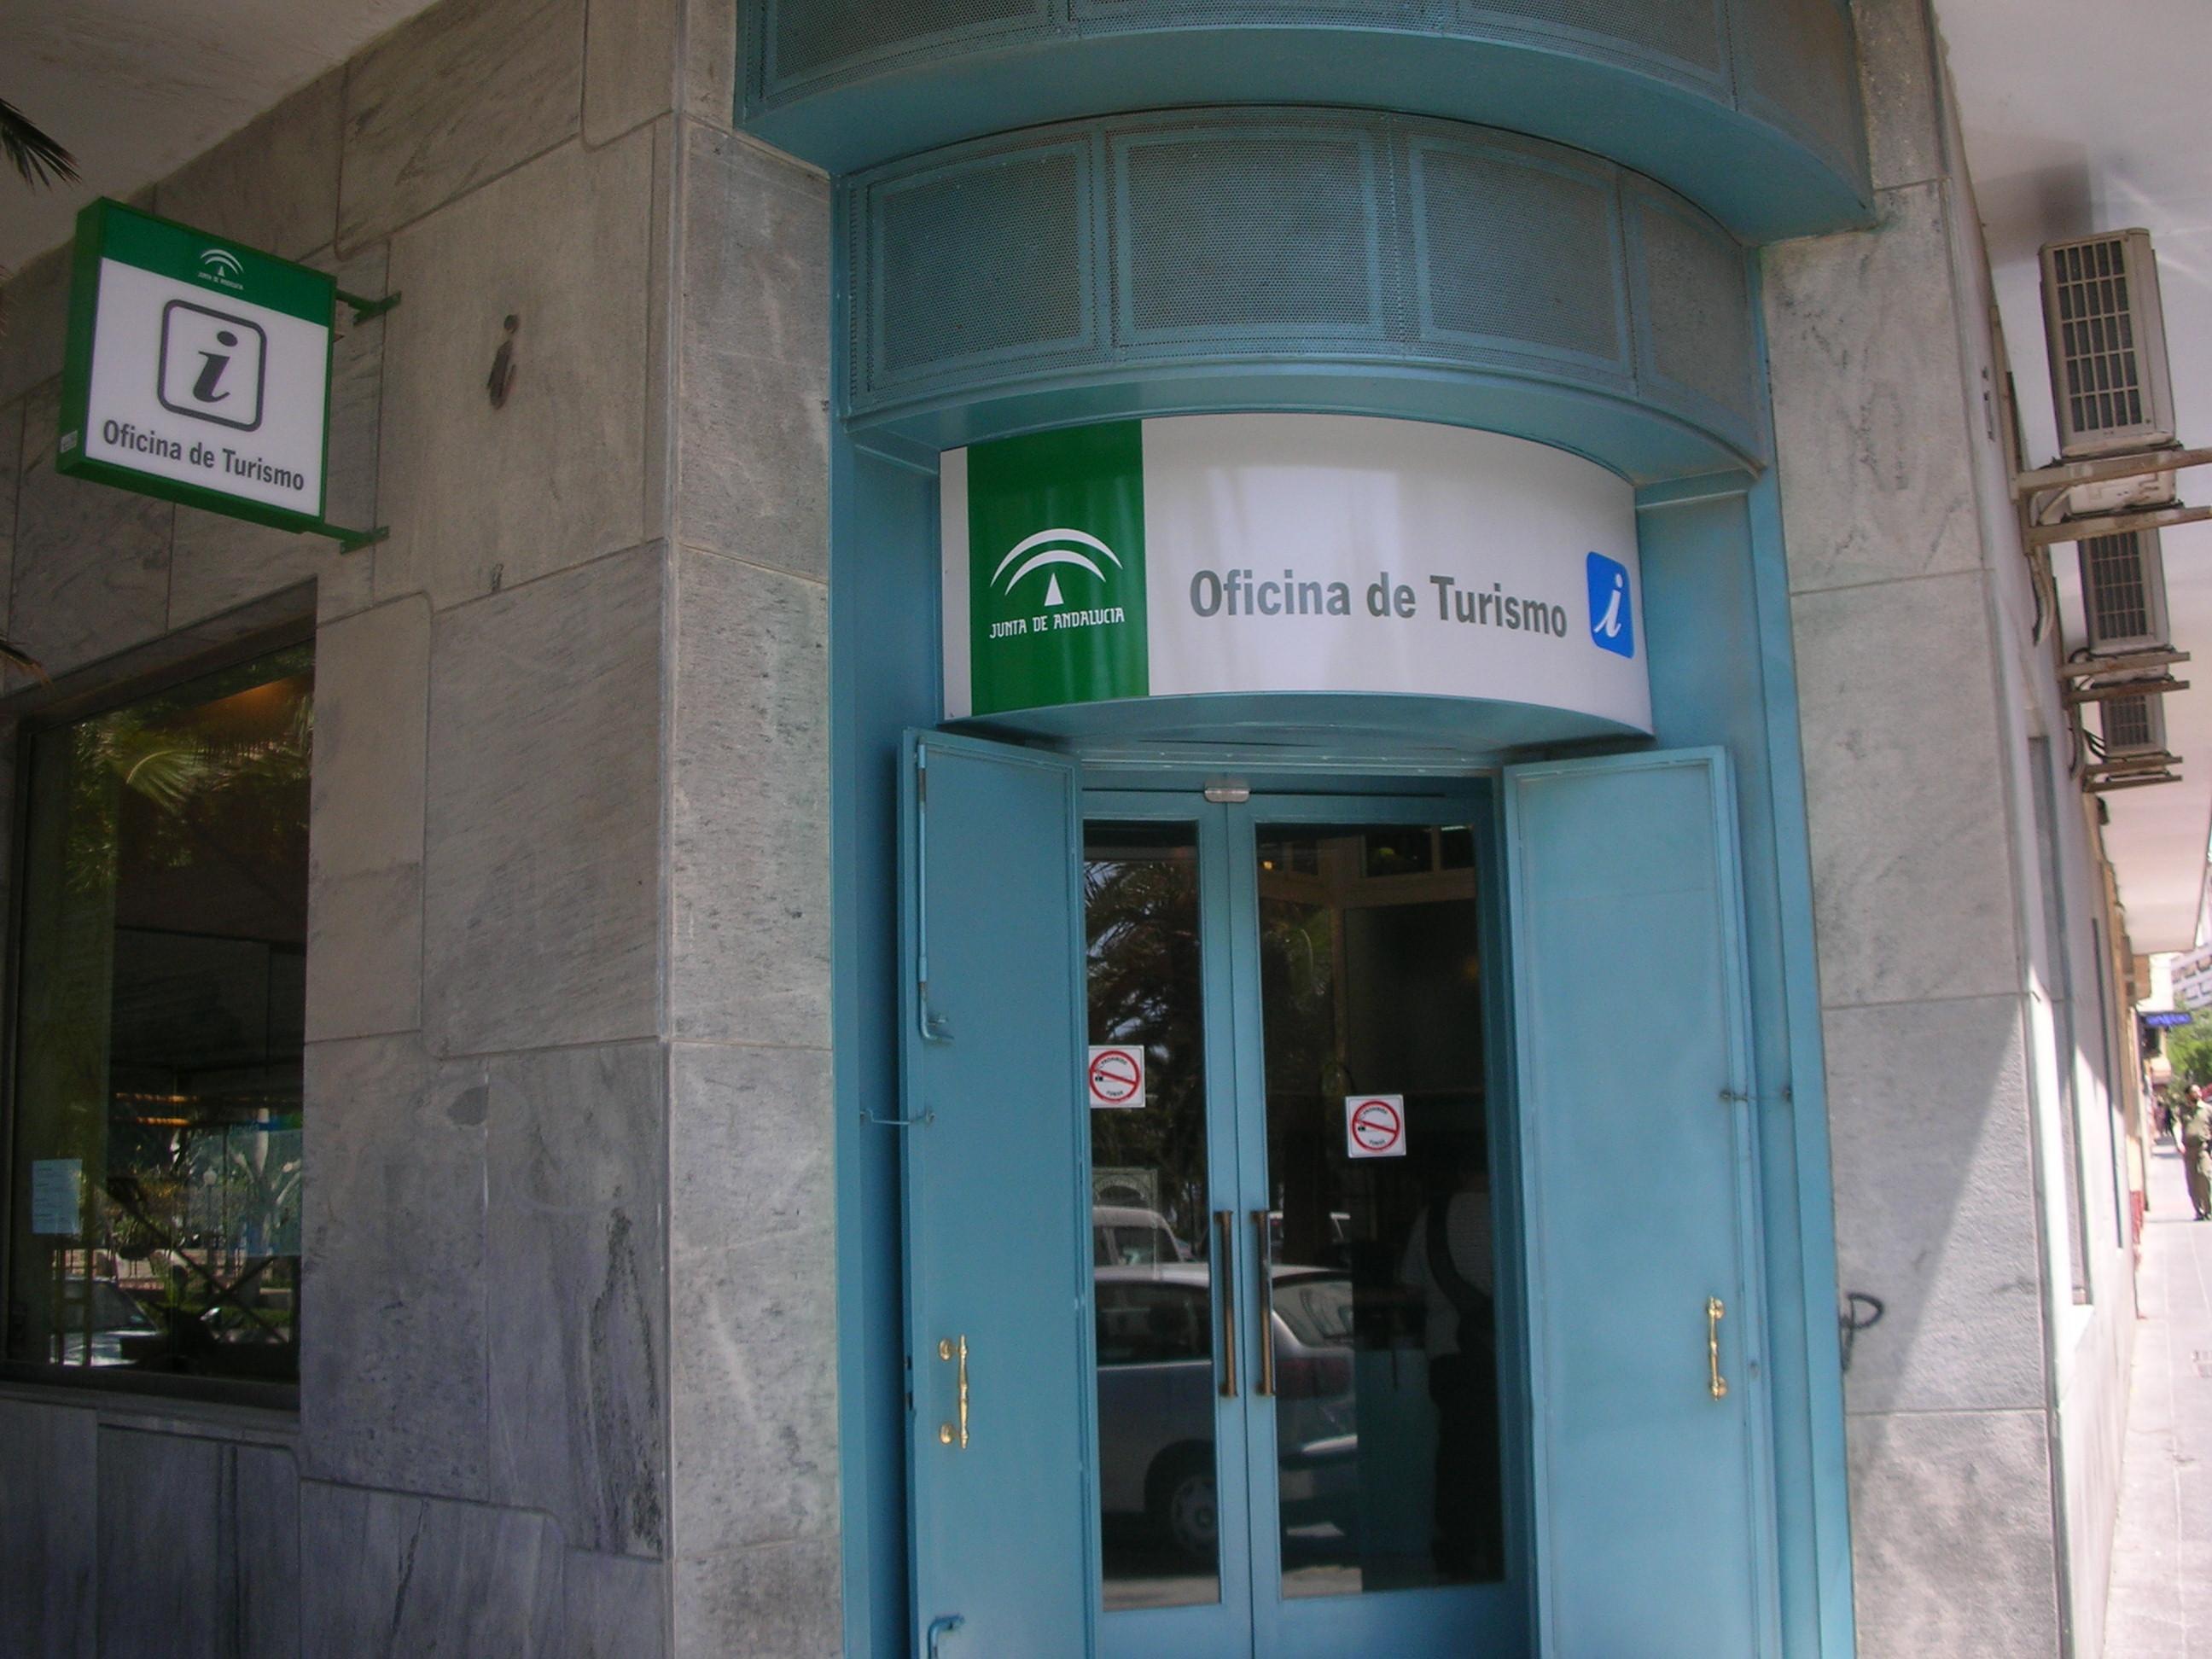 Oficina de turismo de Almería